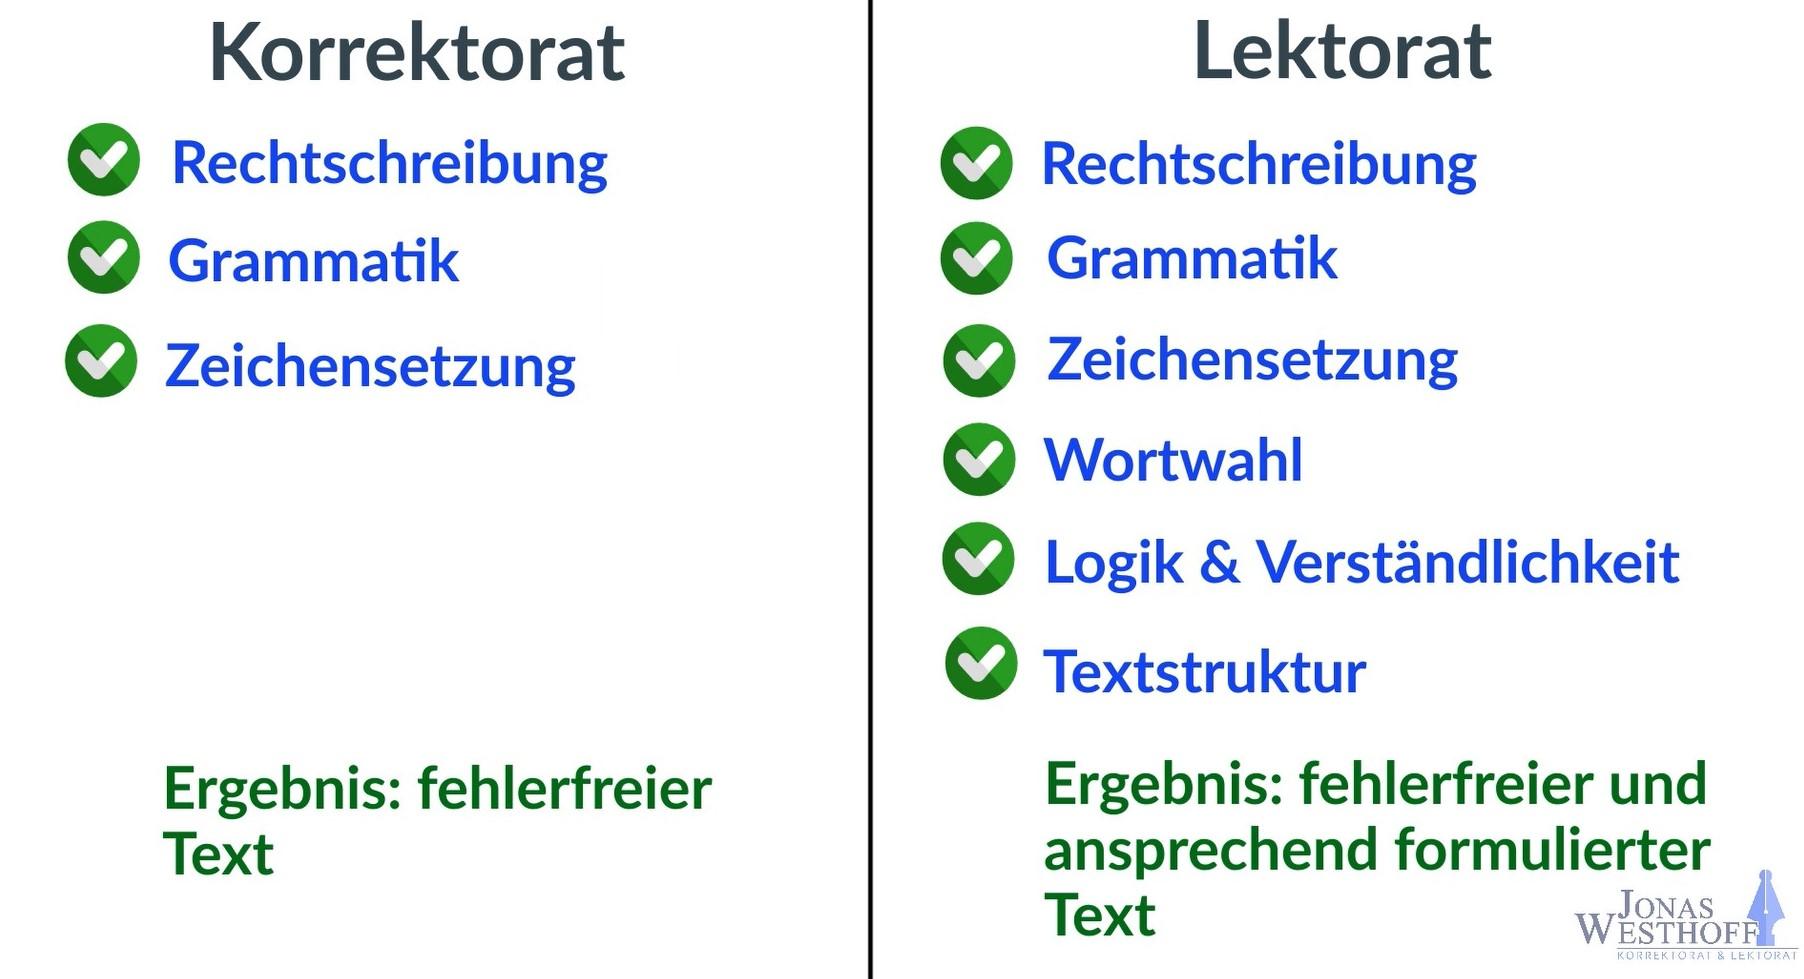 Unterschiede zwischen Korrektorat und Lektorat